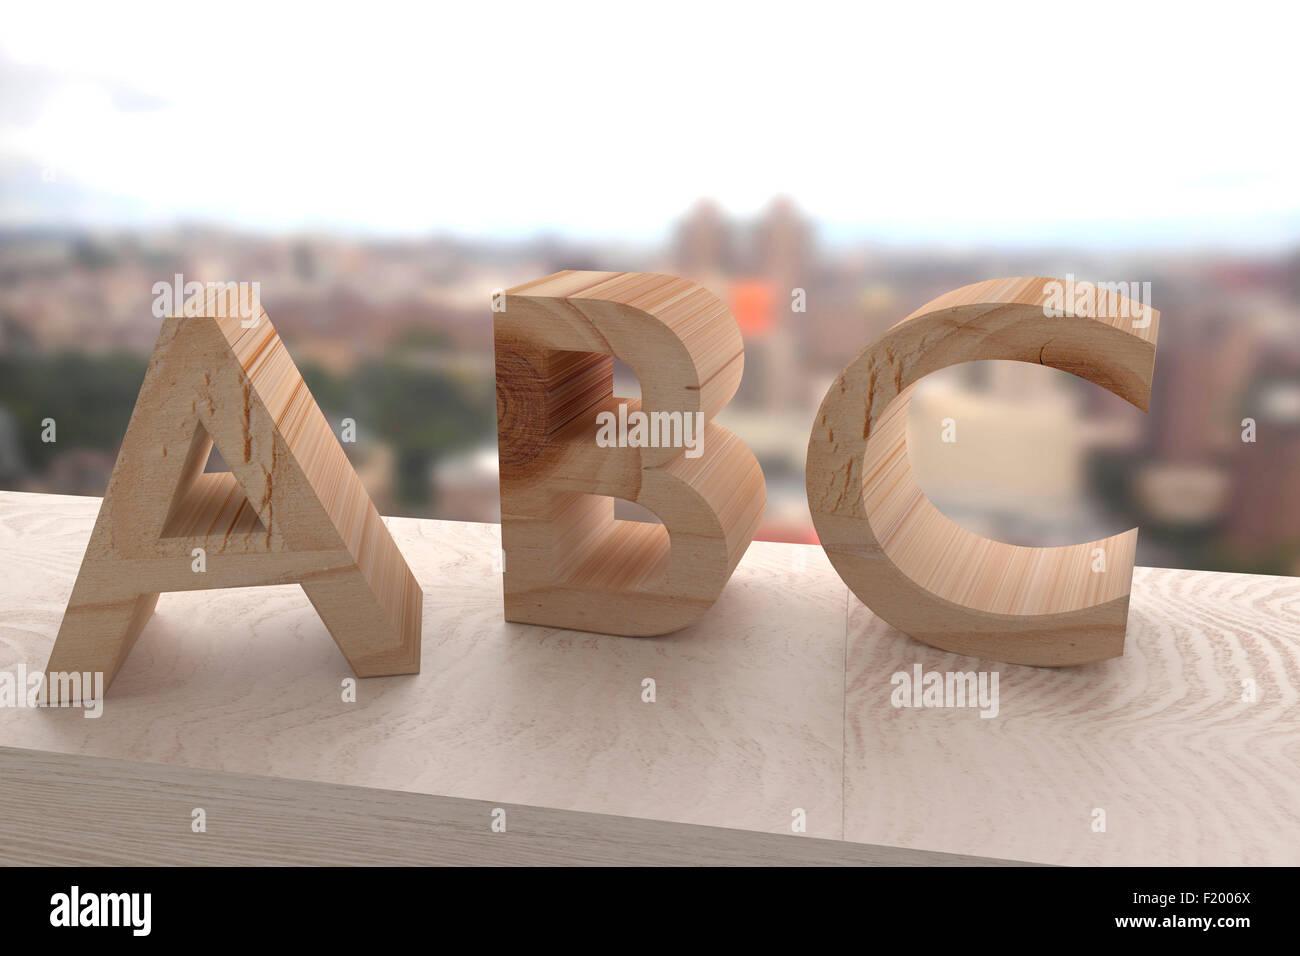 3D-Rendering einer Holzbuchstaben abc Stockbild